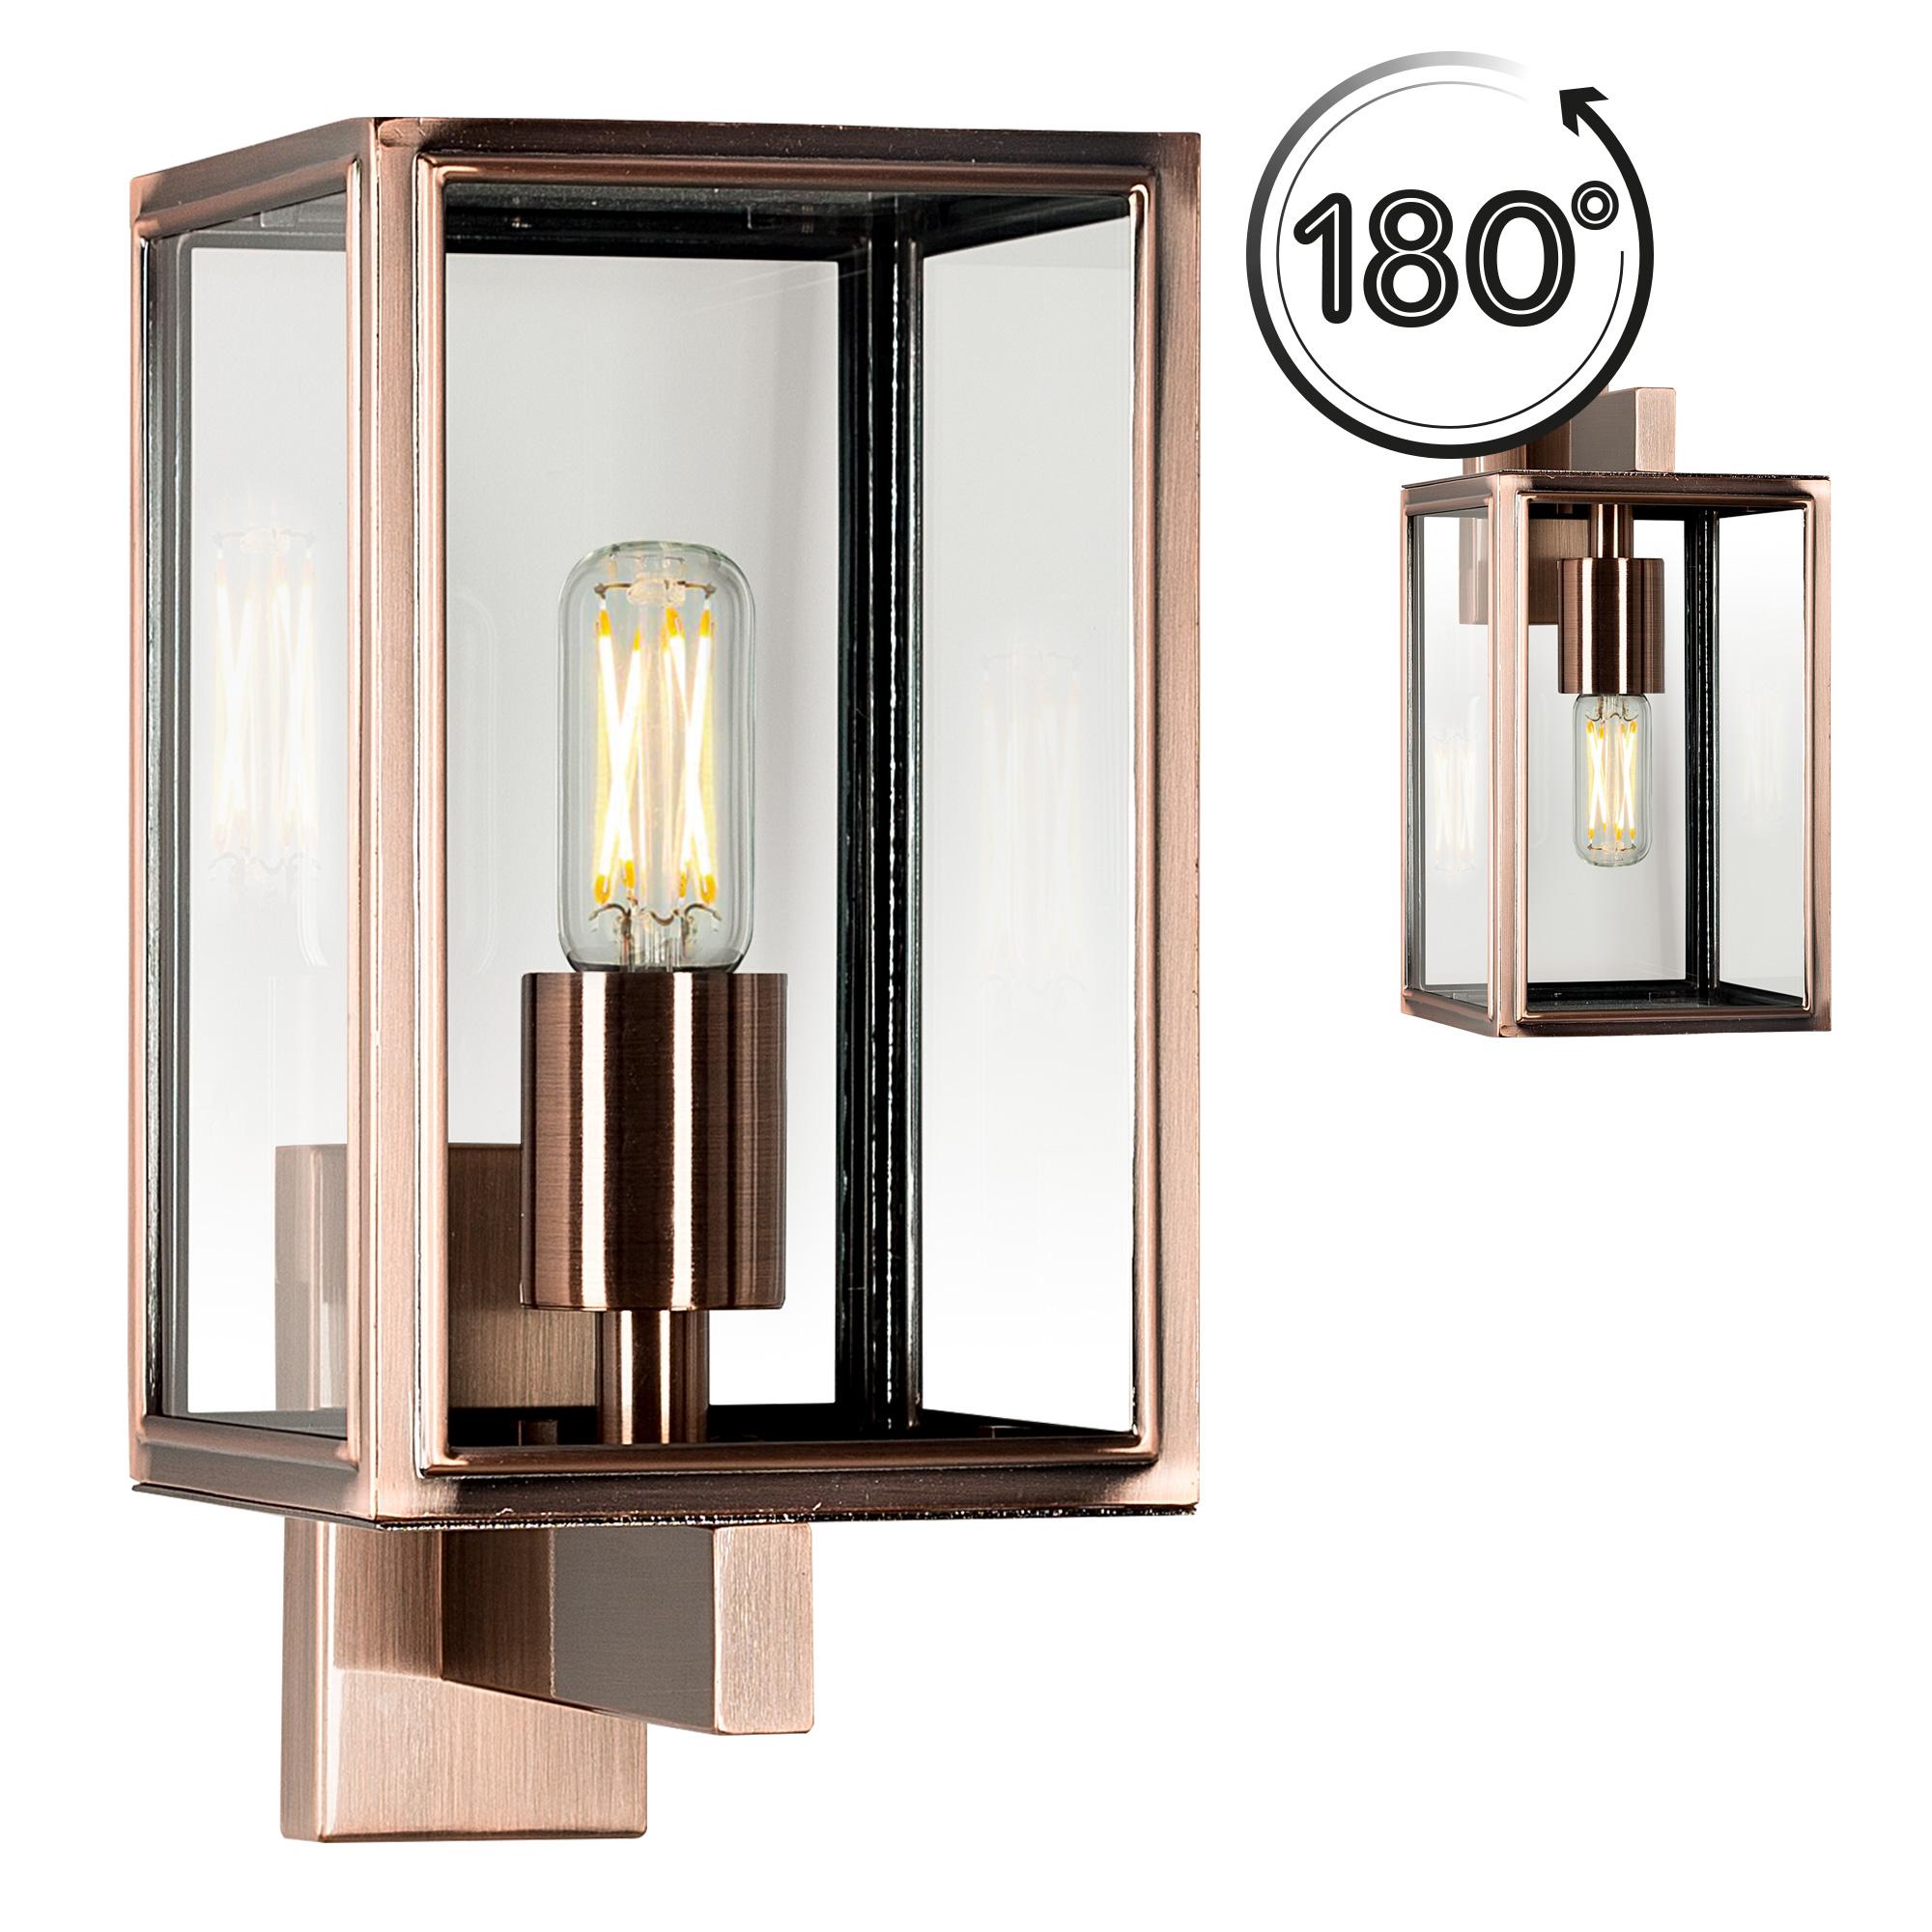 Buitenlamp Soho Copper Look